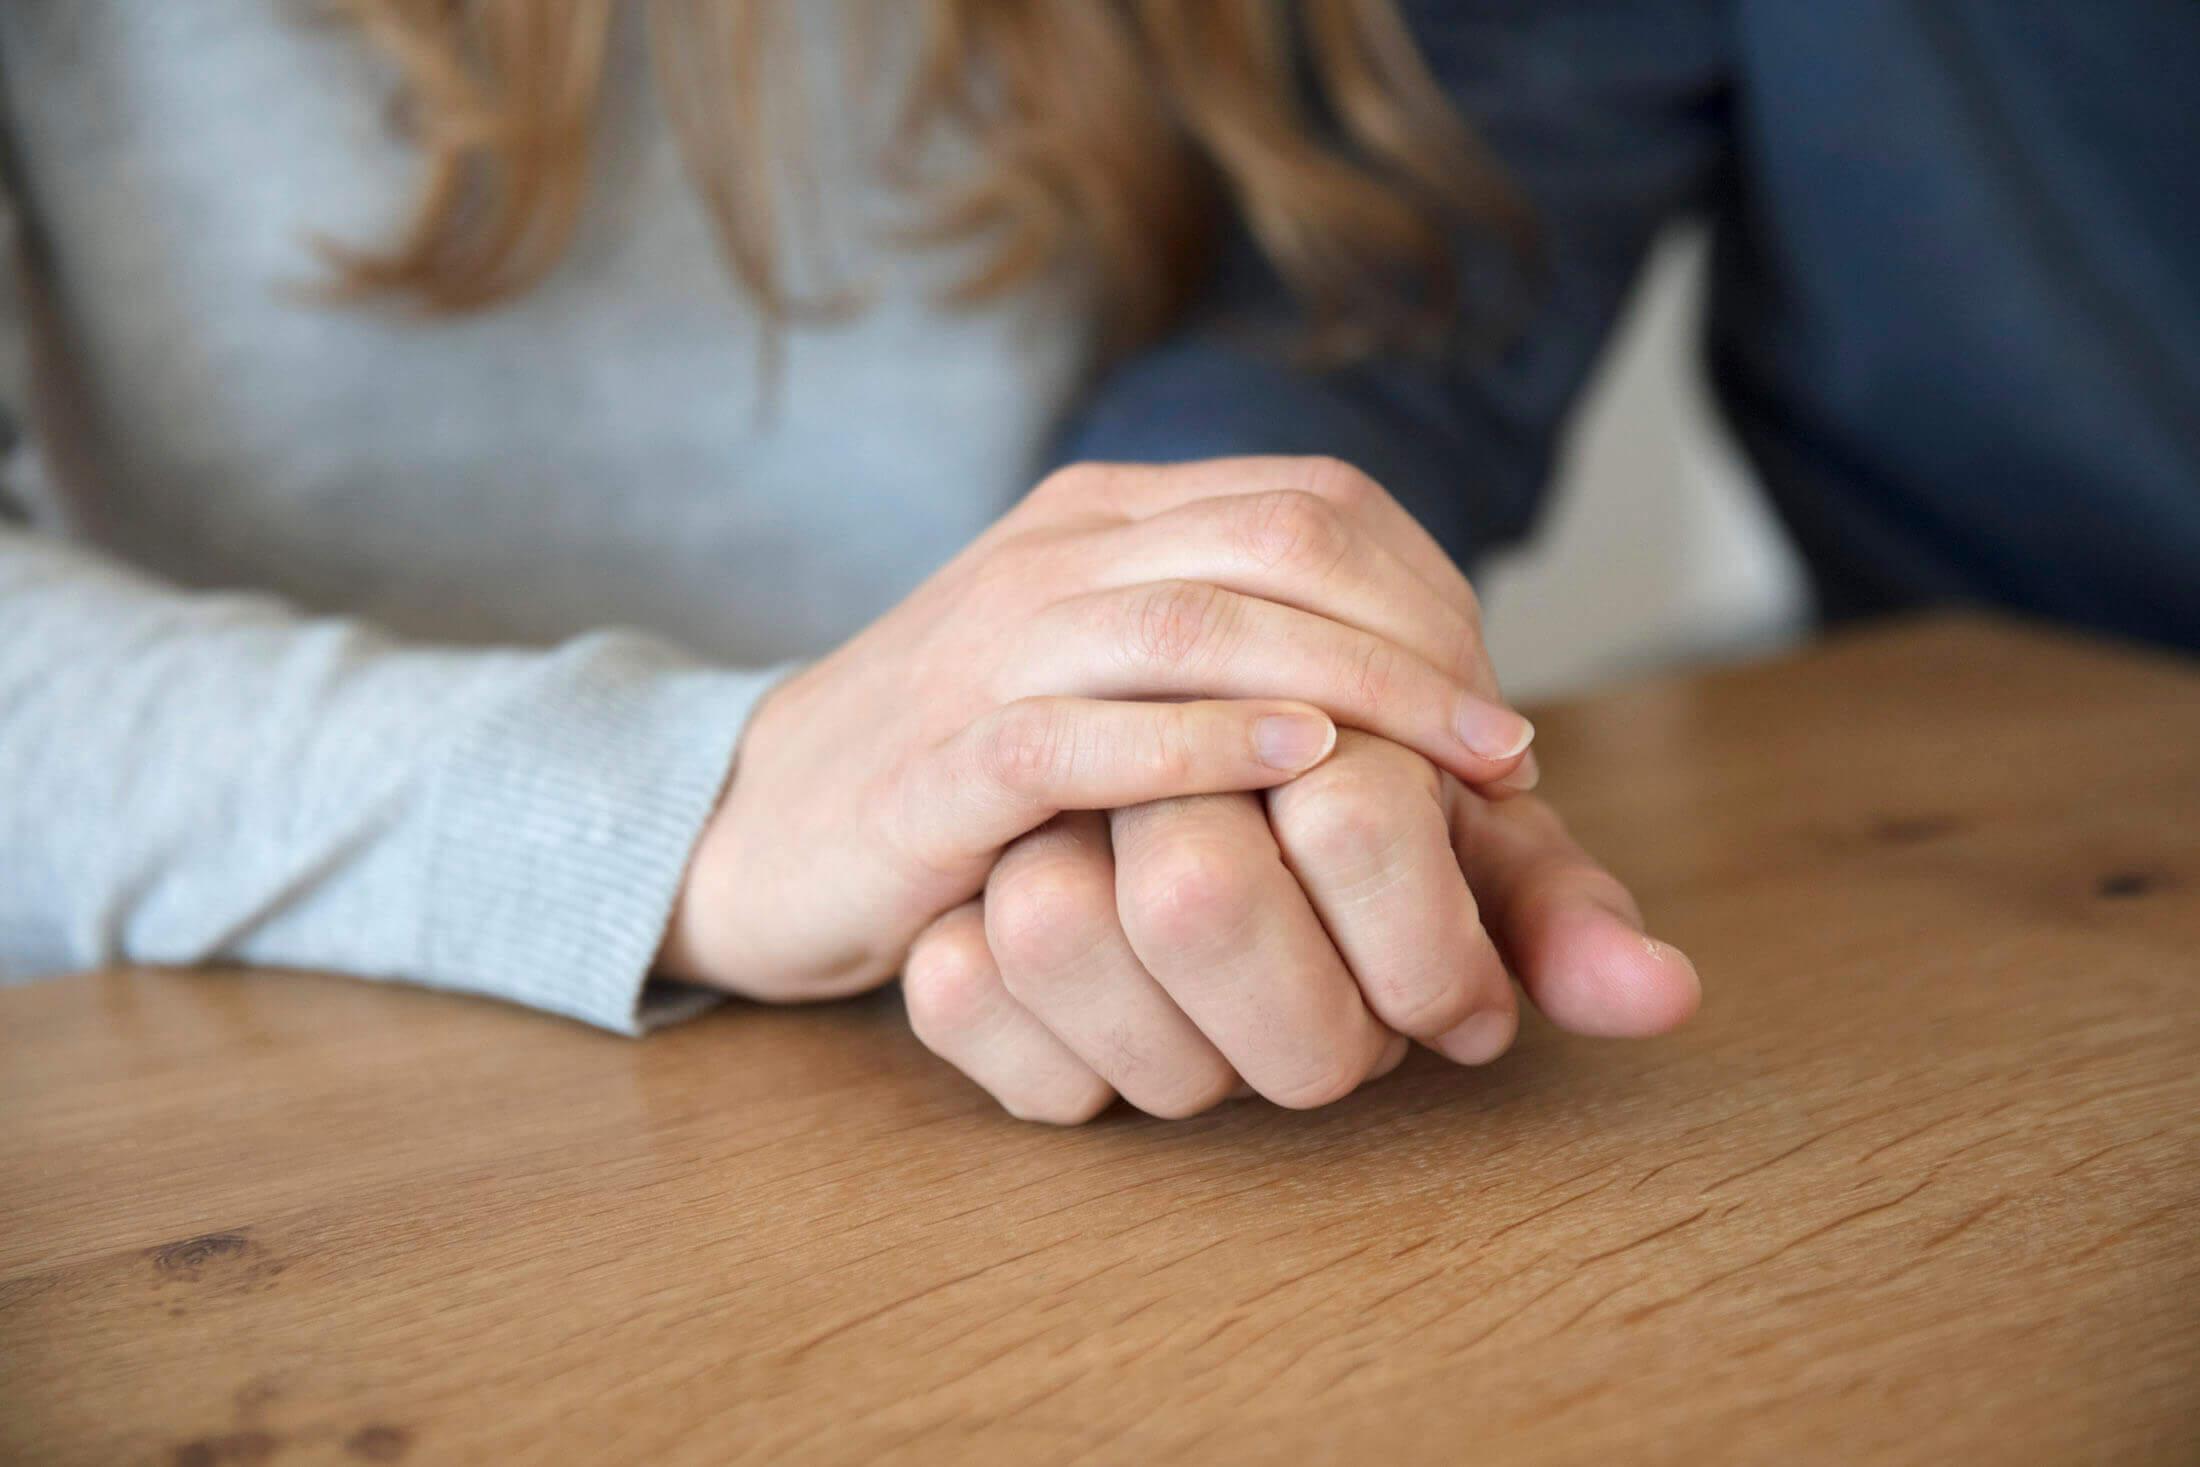 Frau legt ihre Hand auf die Hand eines Mannes.